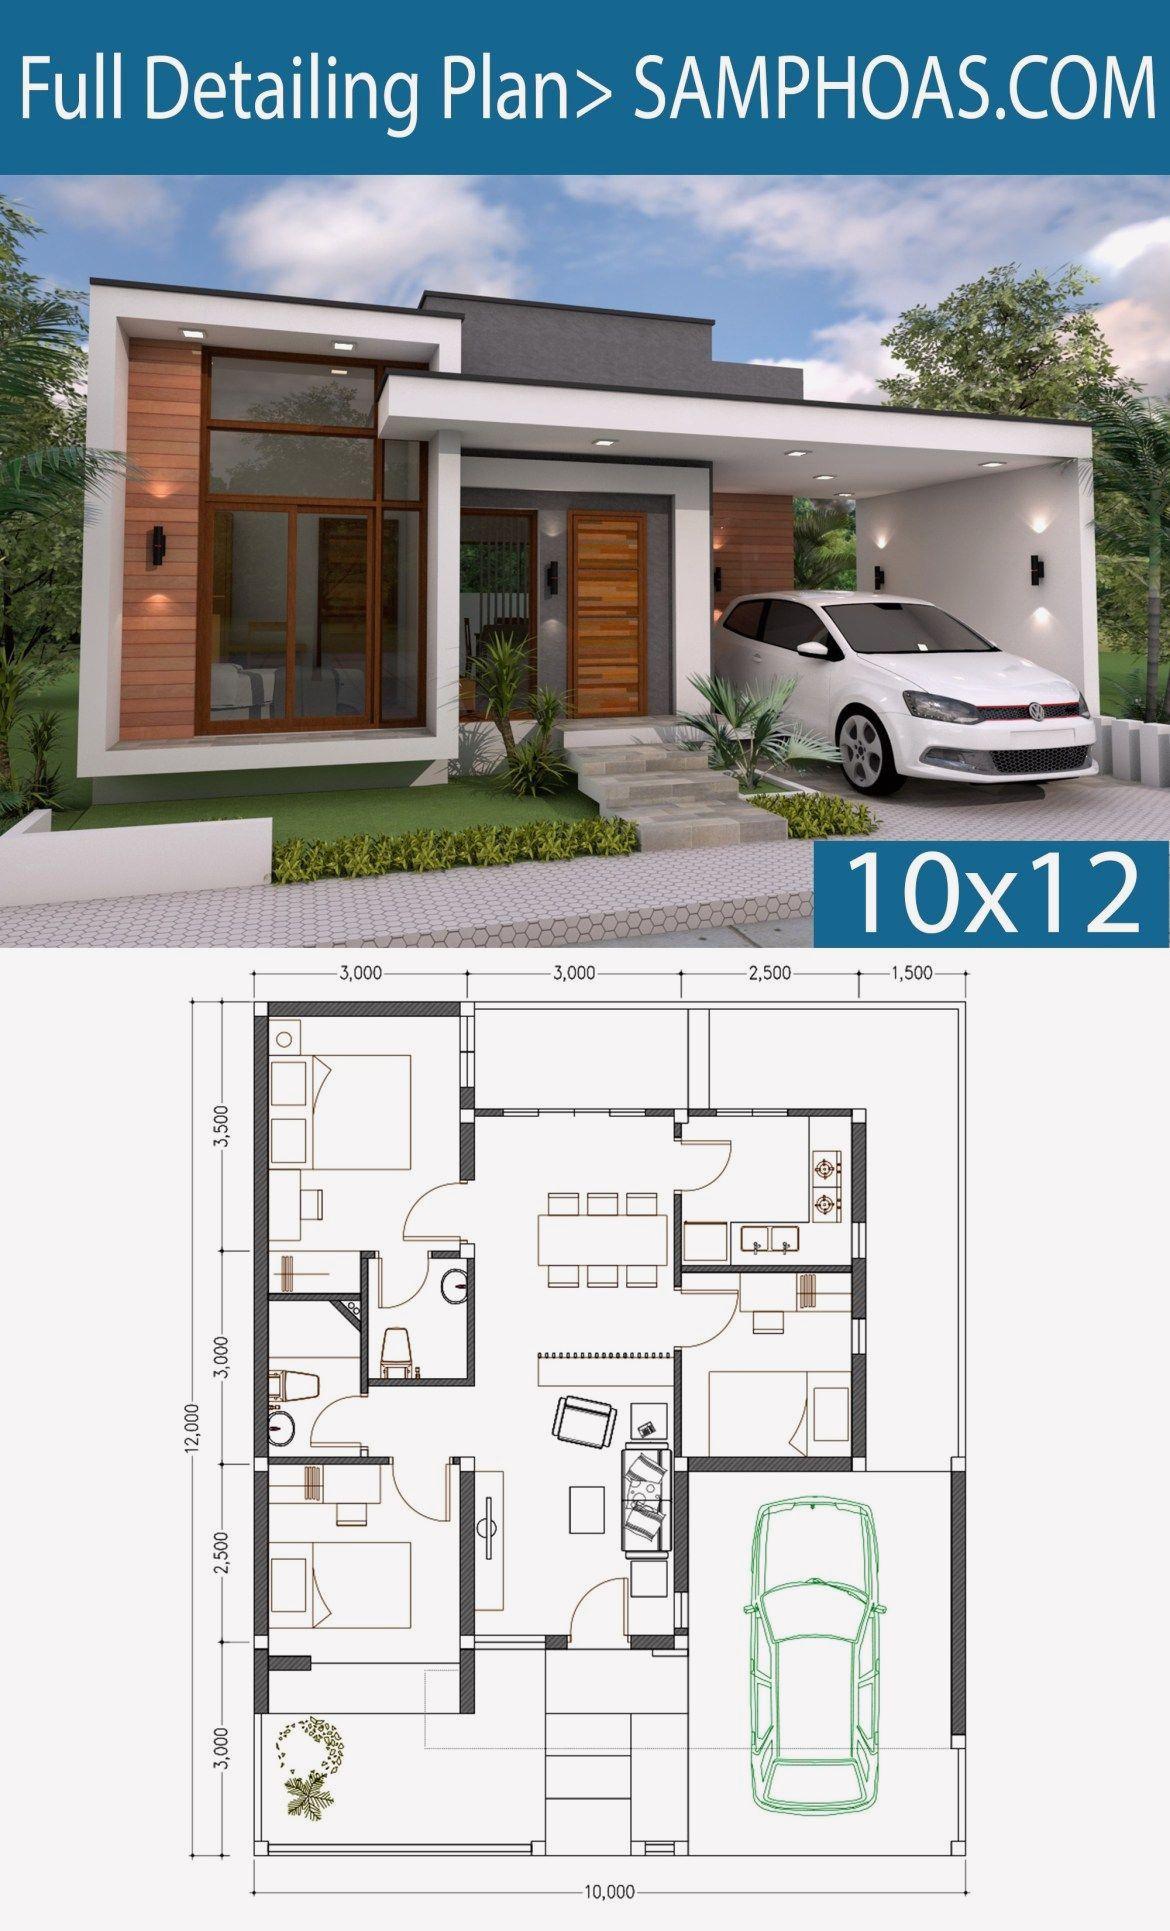 15 3 Bedroom House Design And Floor Plan In 2020 Bungalow House Design Simple House Design Home Design Plans